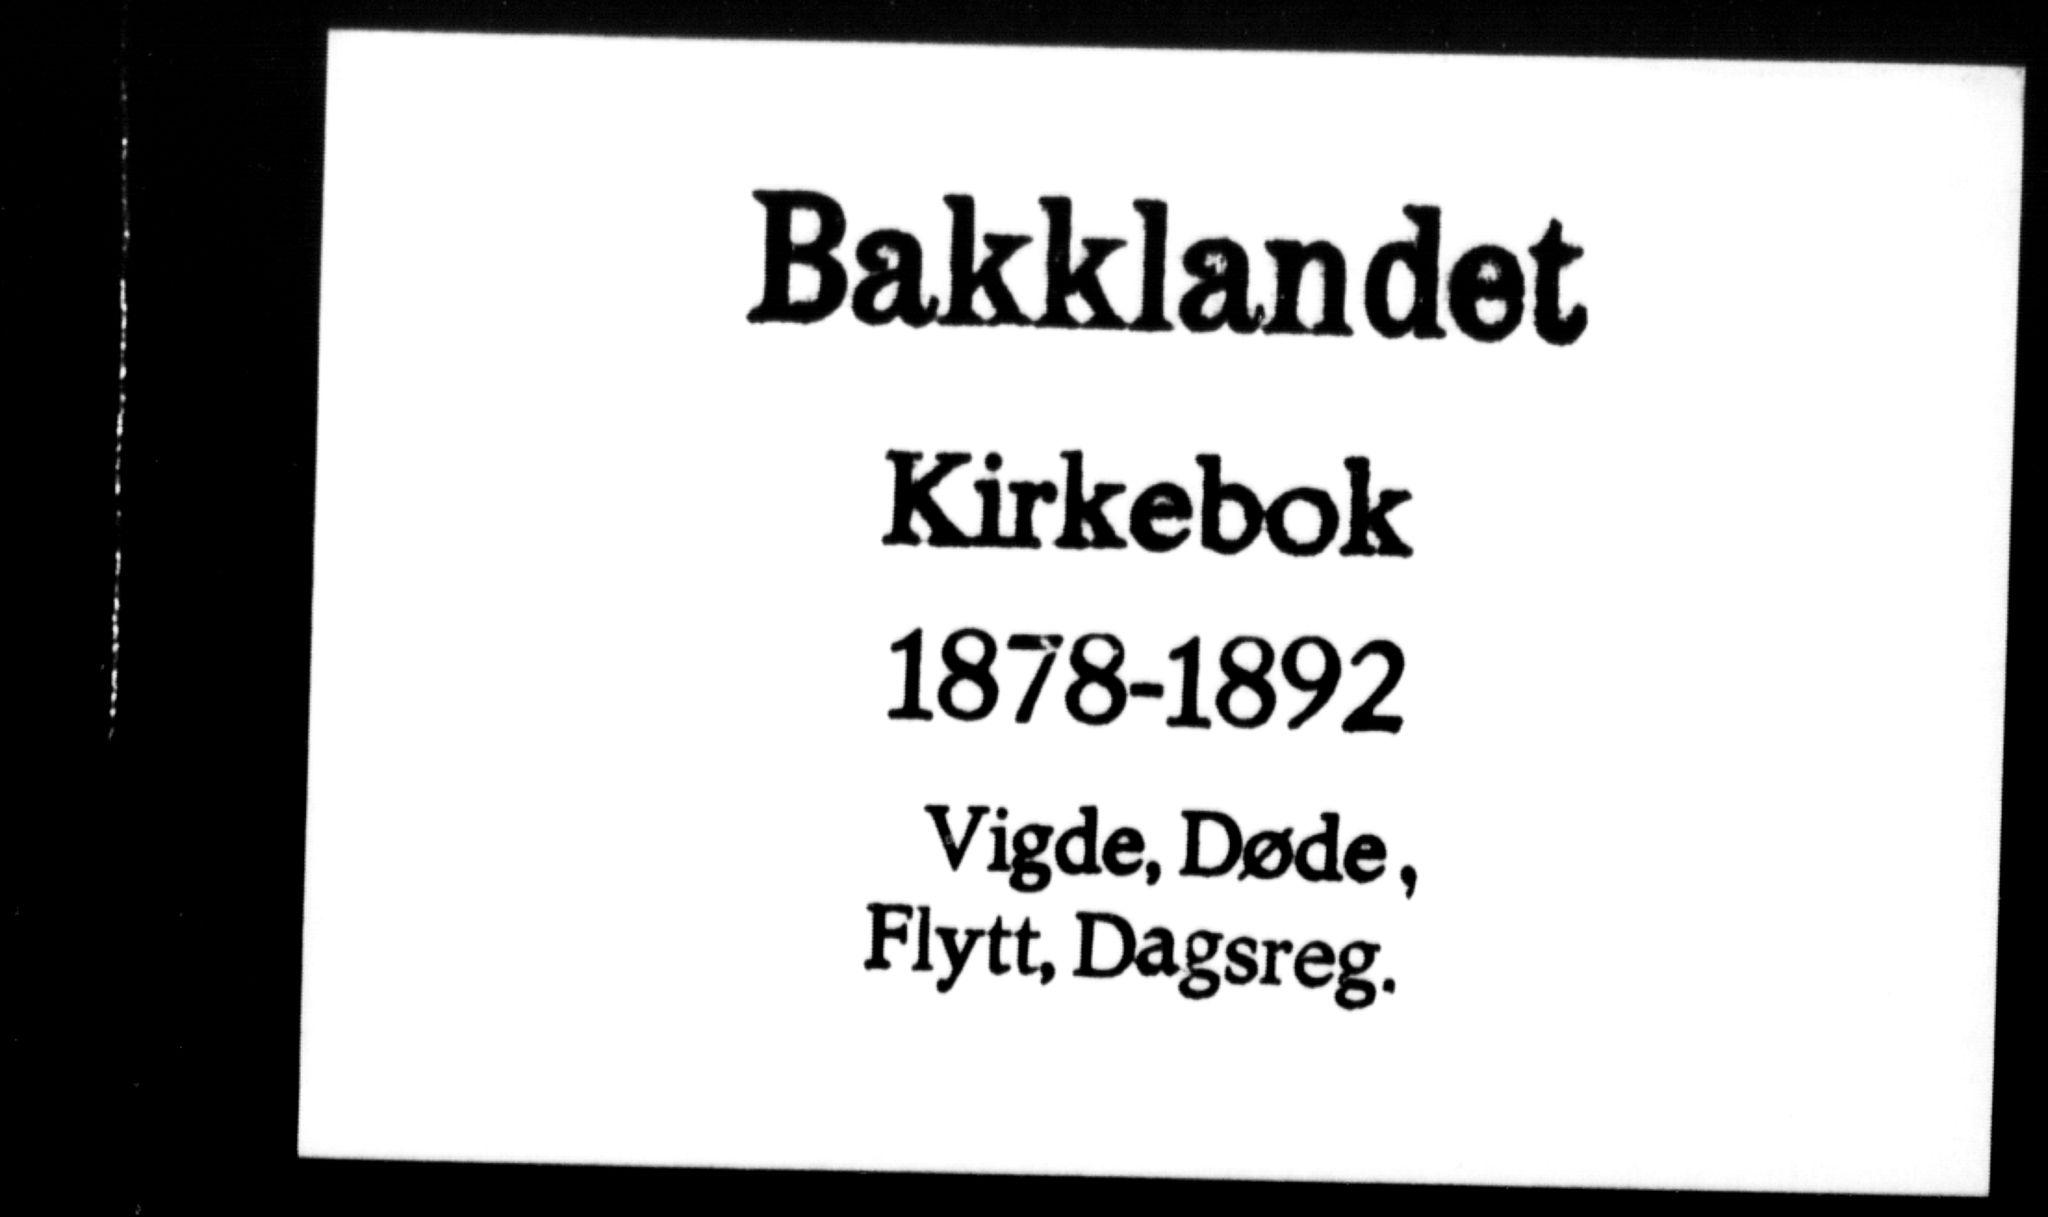 SAT, Ministerialprotokoller, klokkerbøker og fødselsregistre - Sør-Trøndelag, 604/L0189: Ministerialbok nr. 604A10, 1878-1892